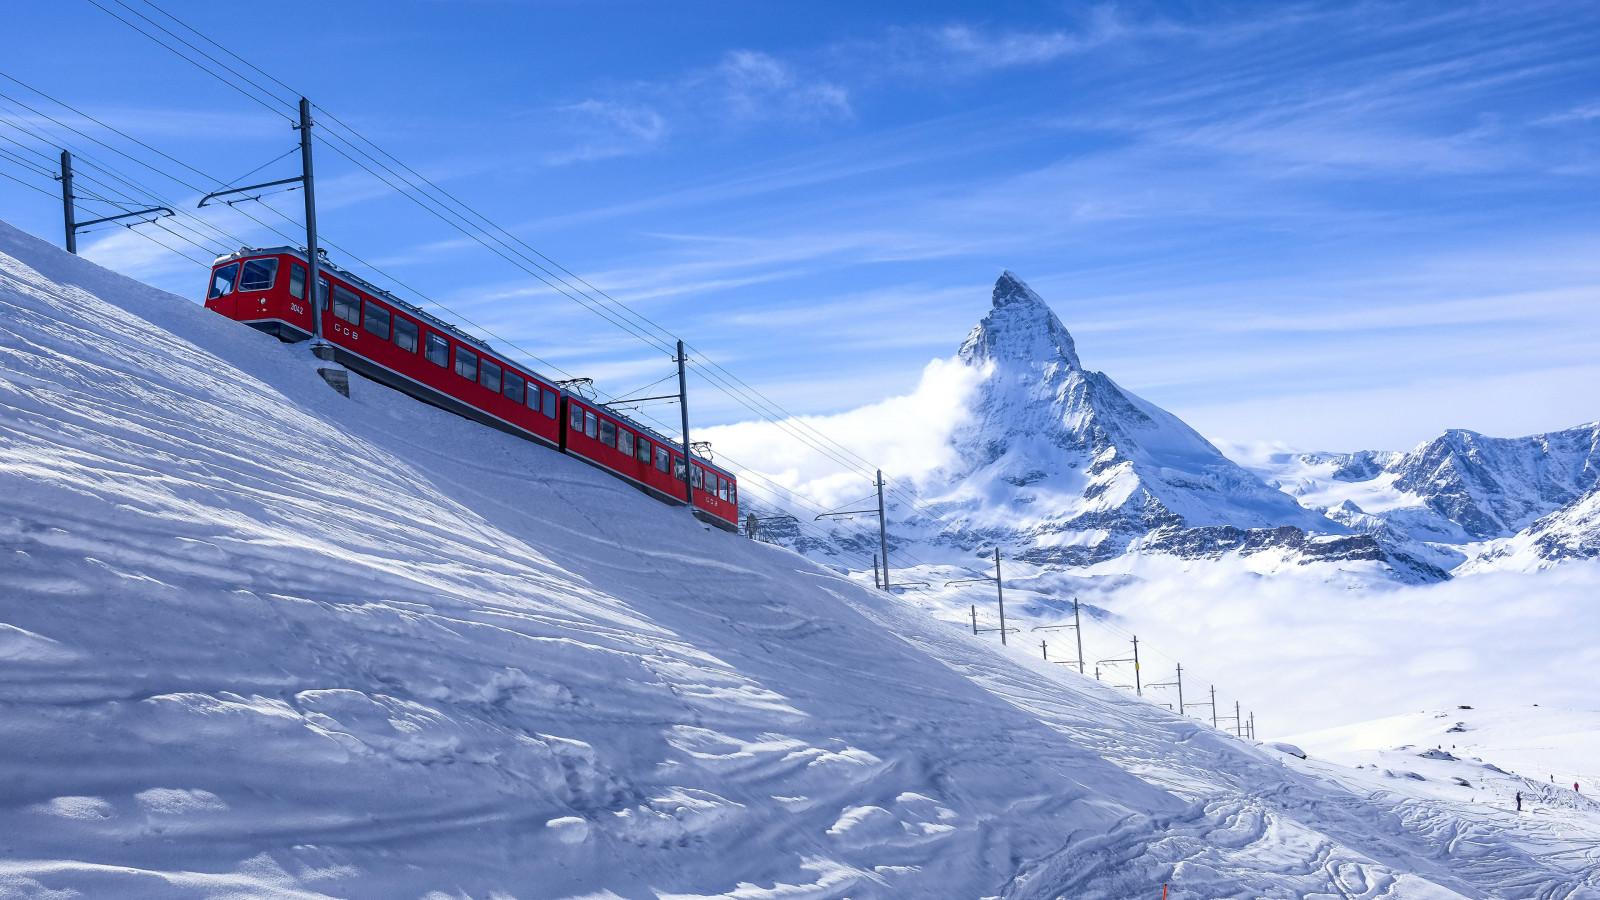 Fondos De Pantalla Zermatt Suiza Alpes Nieve Tren